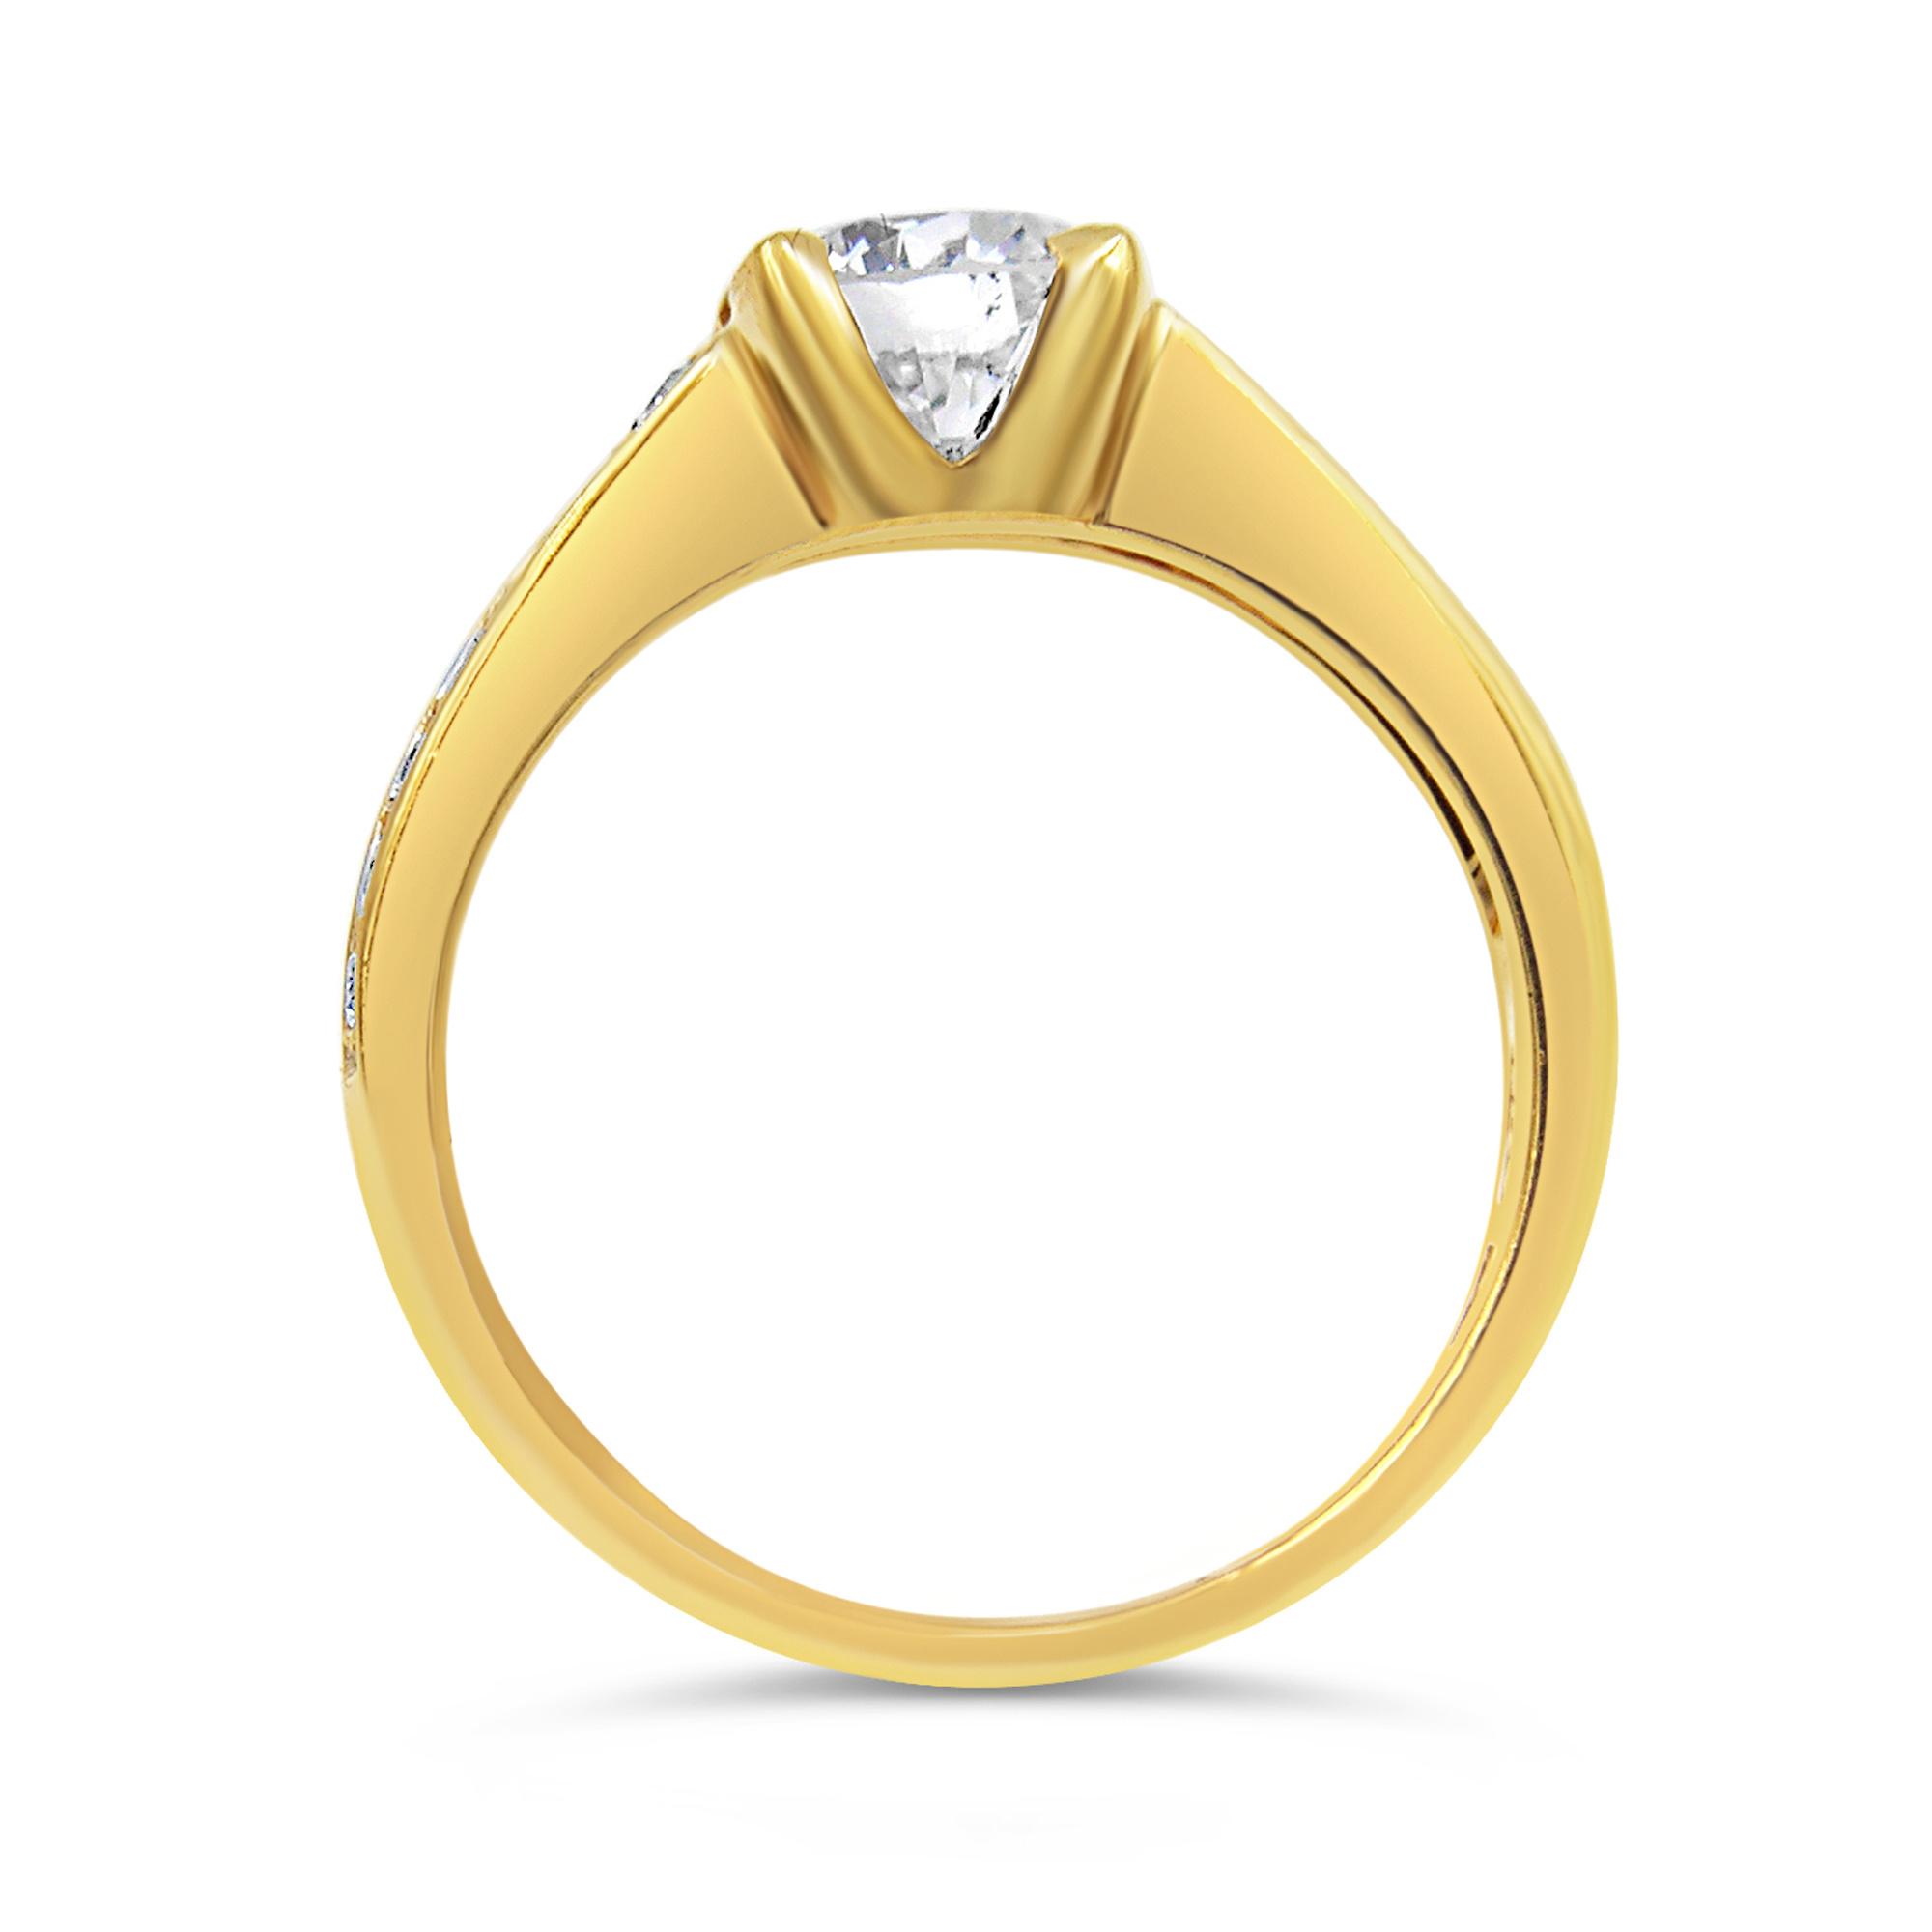 18kt geel goud verlovingsring met 1.30 ct diamanten